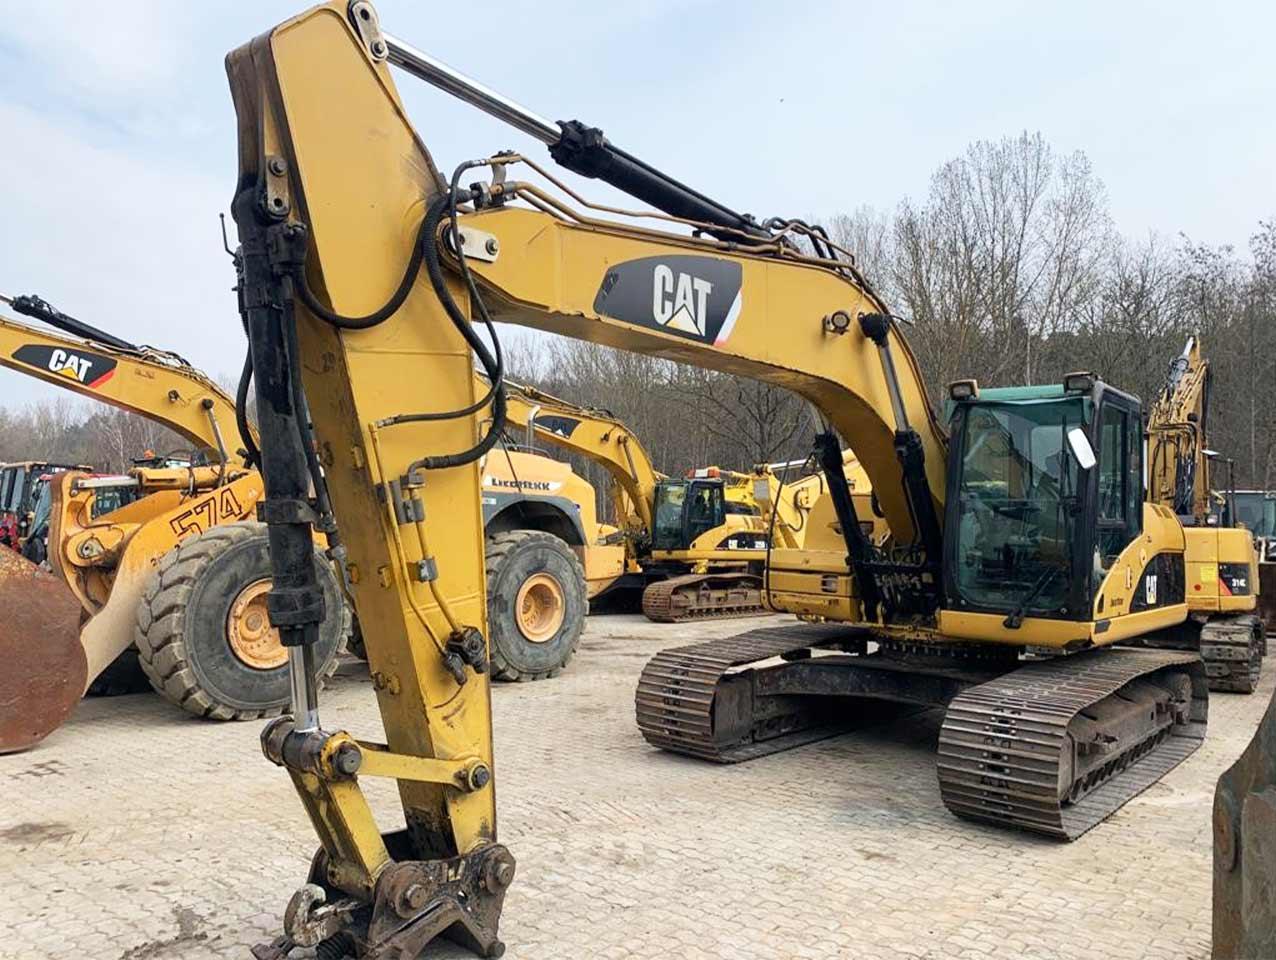 Crawler excavator CAT 323 DL front